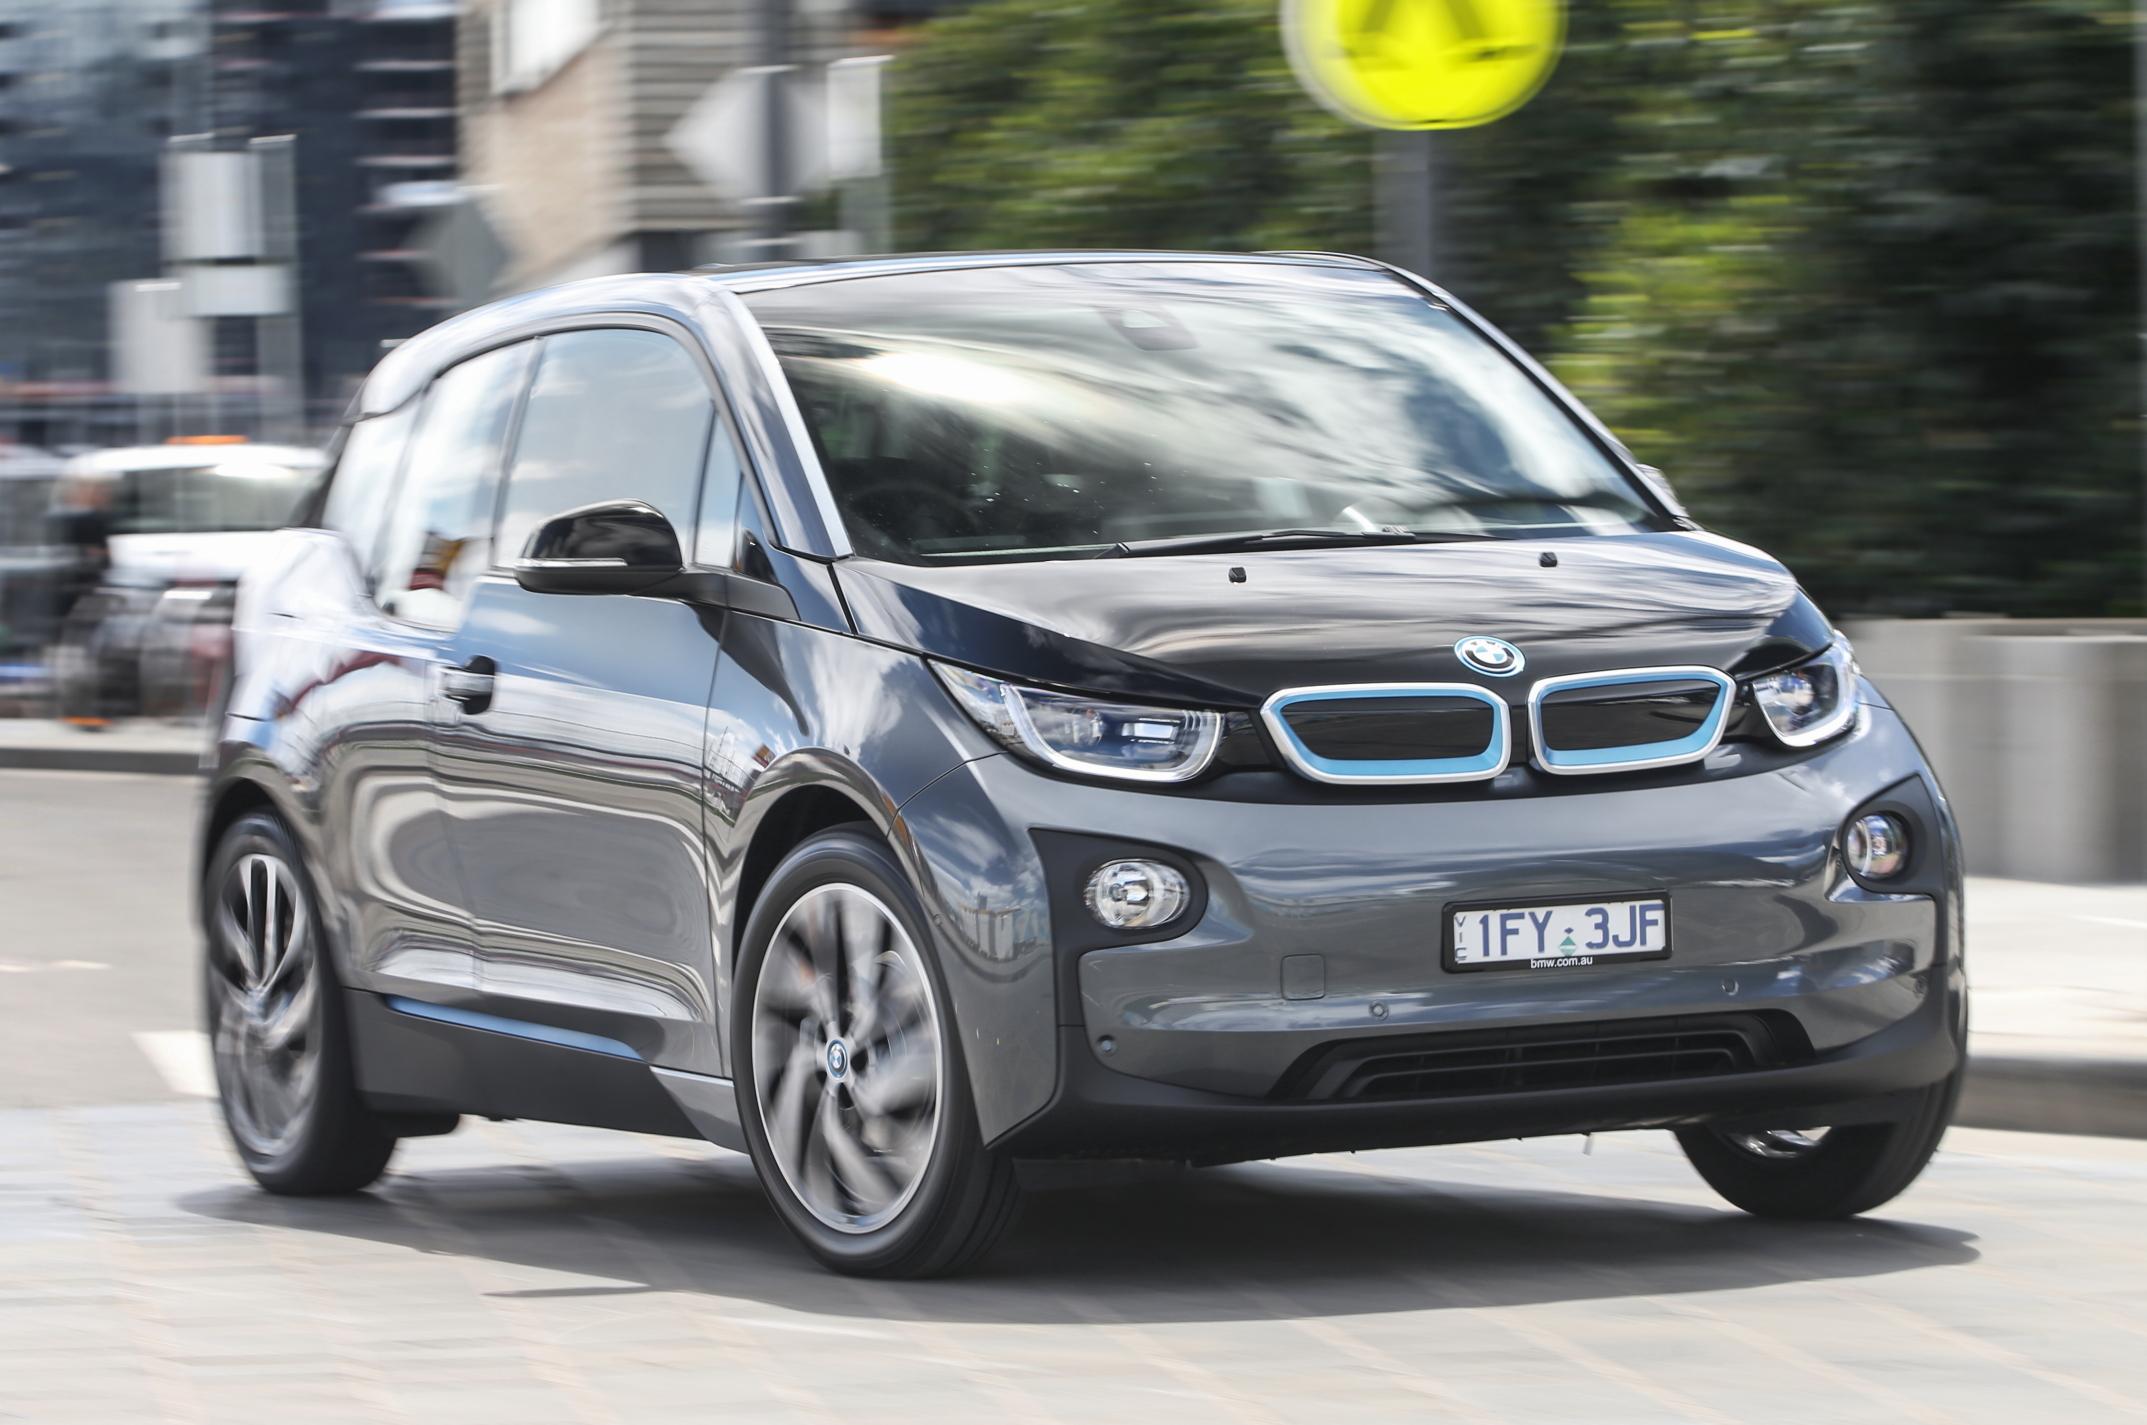 2017 BMW i3 94Ah Review - photos   CarAdvice